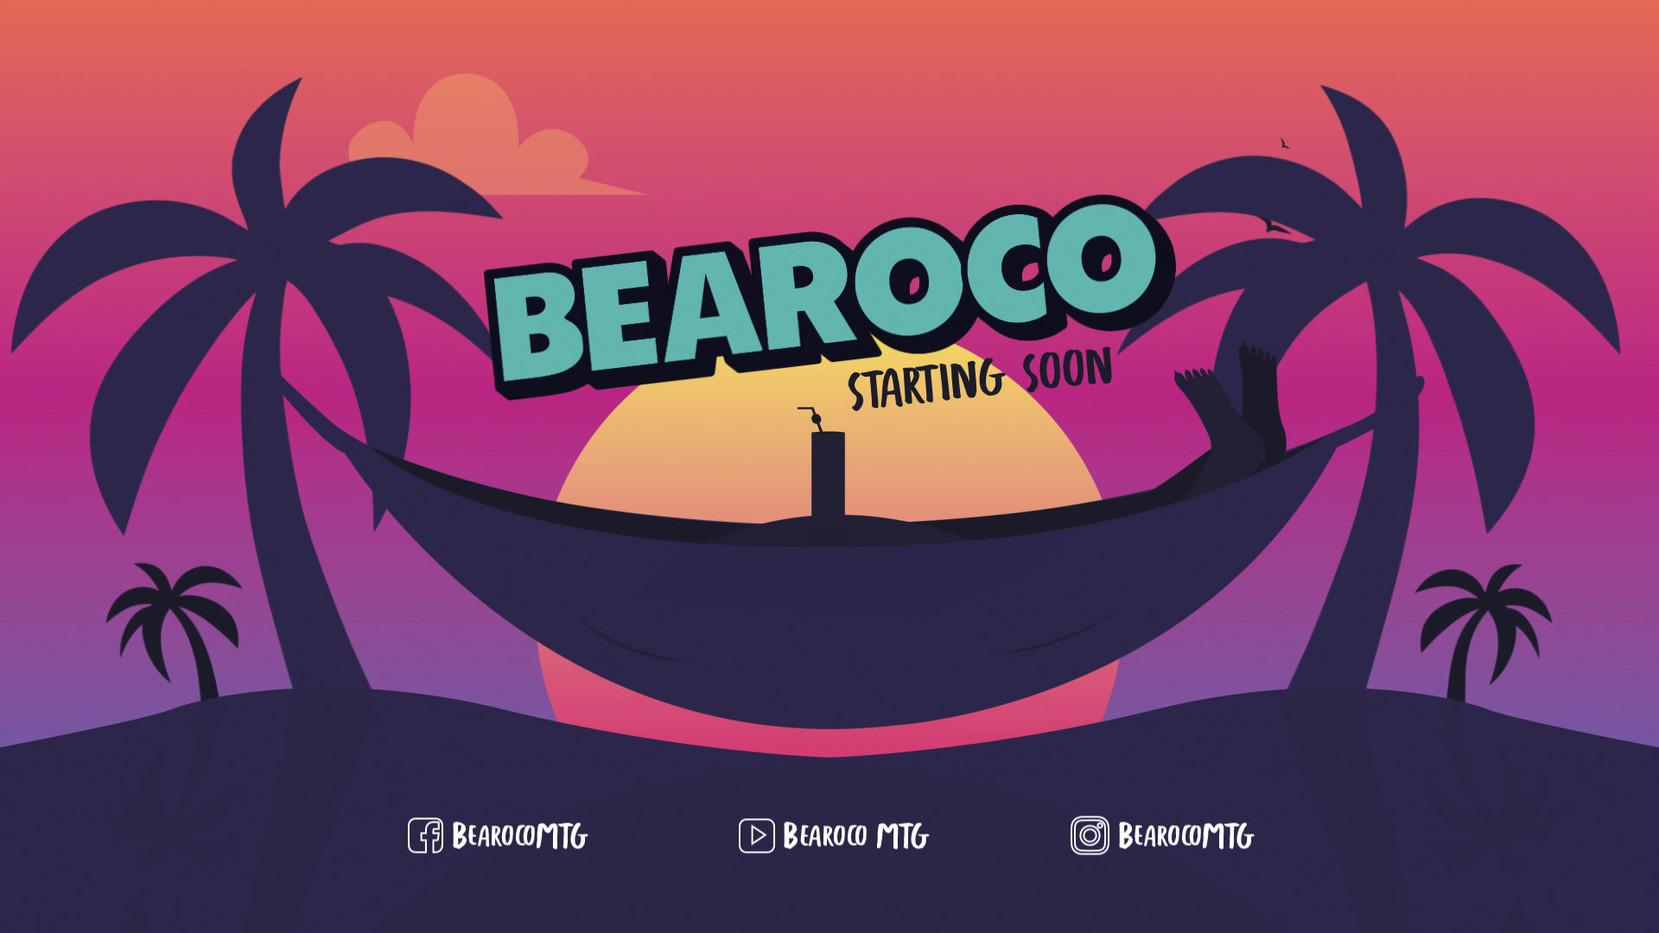 Bearoco Twitch Channel